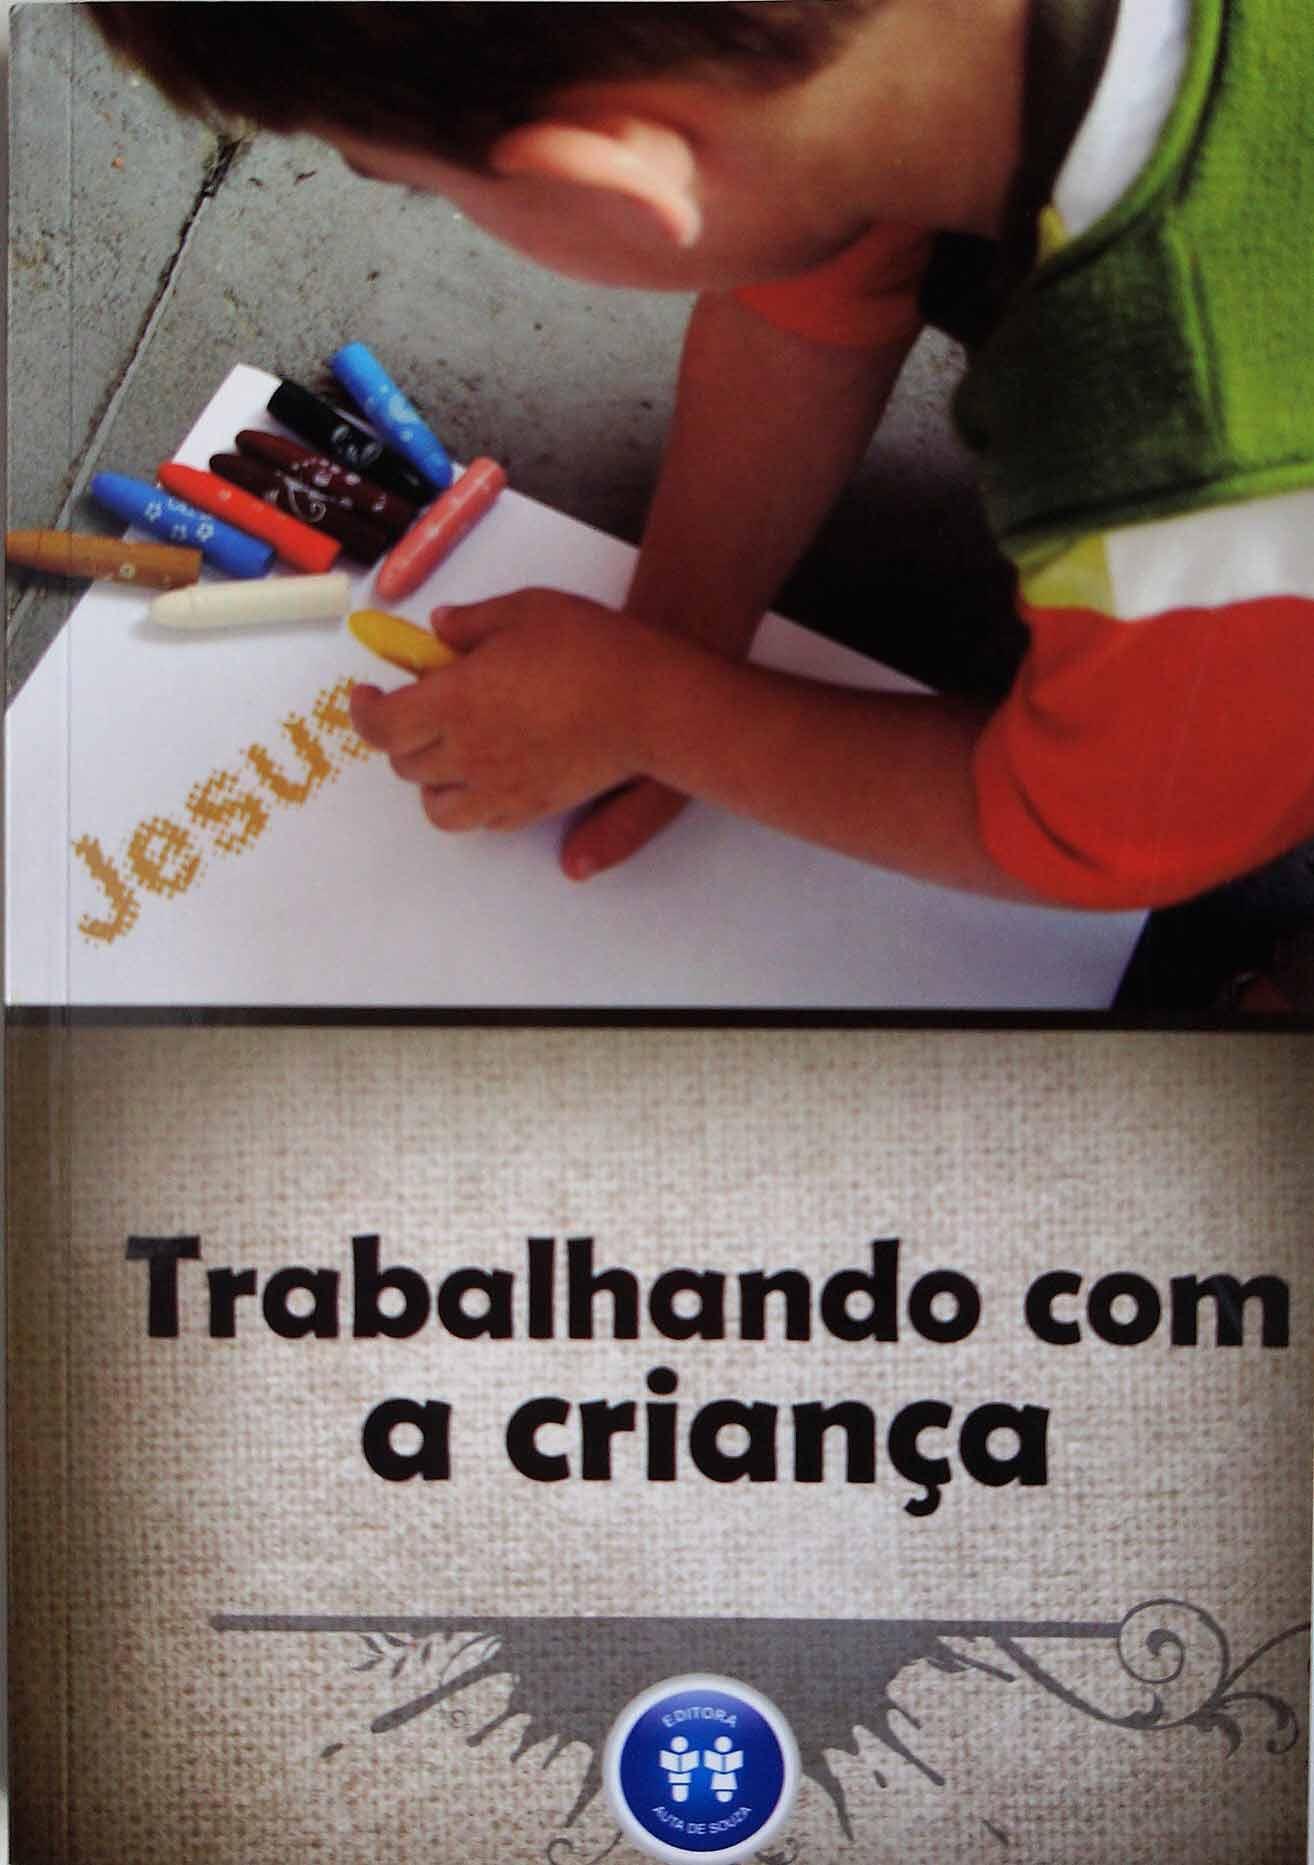 TRABALHANDO COM A CRIANÇA